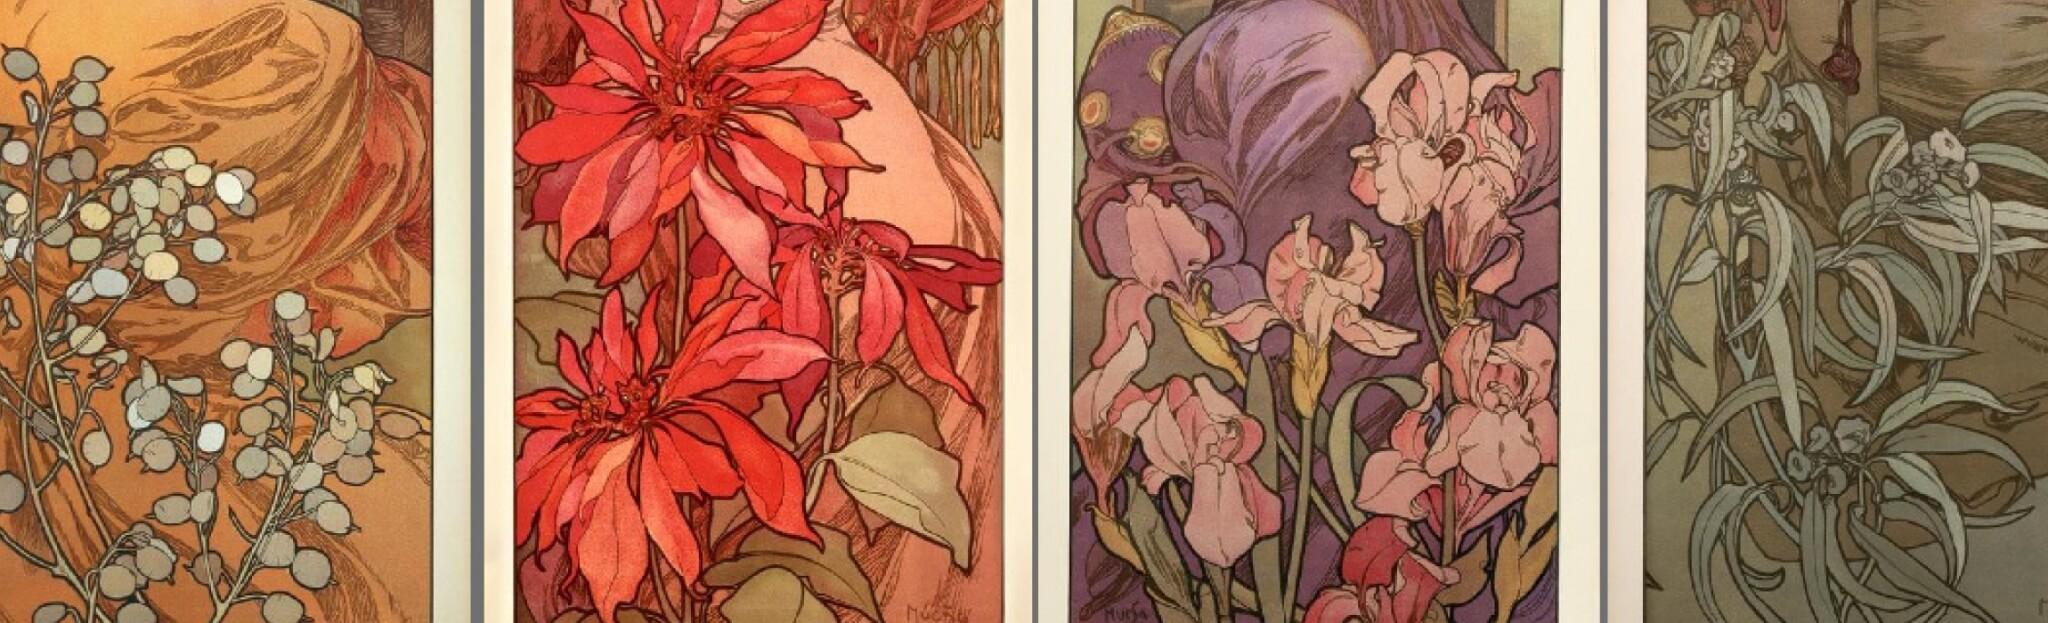 photographe redaction correction texte Alfons Mucha Vieille pub Affiche française fleur